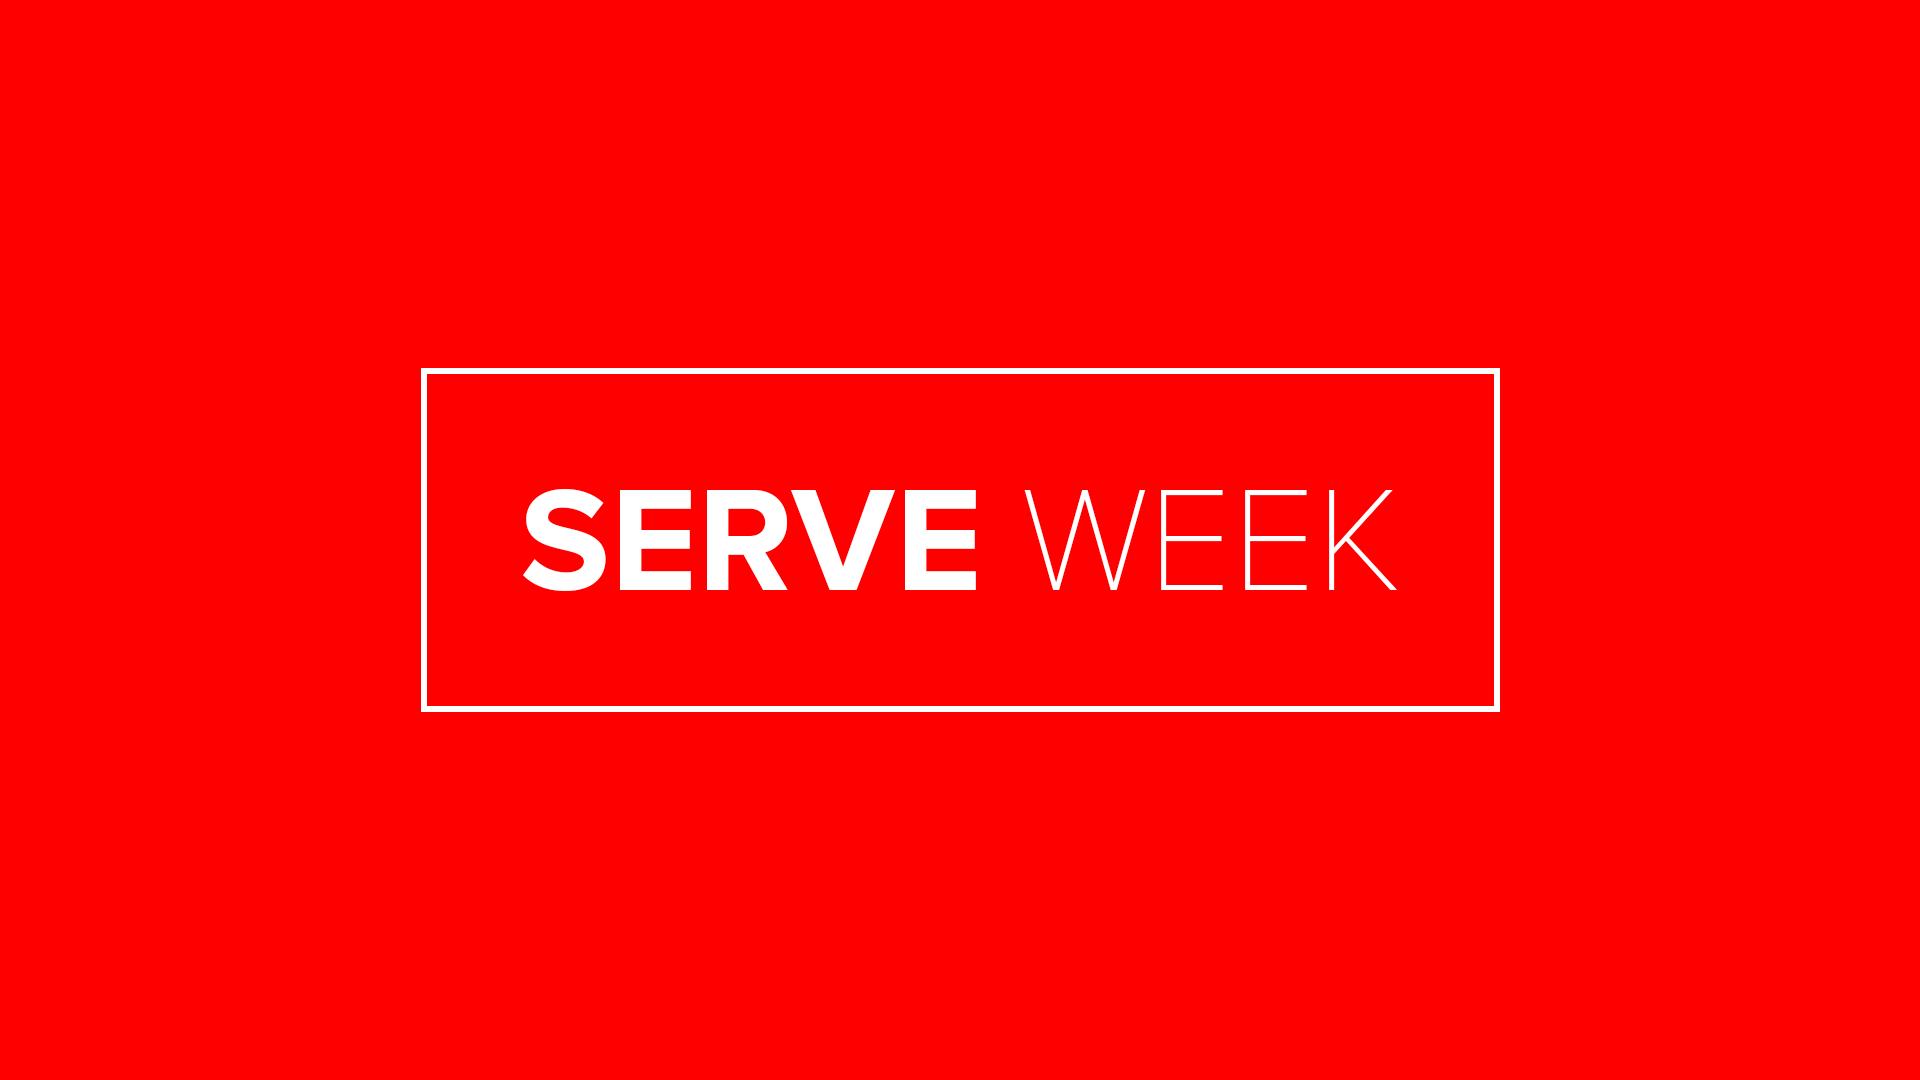 SERVEweek.png